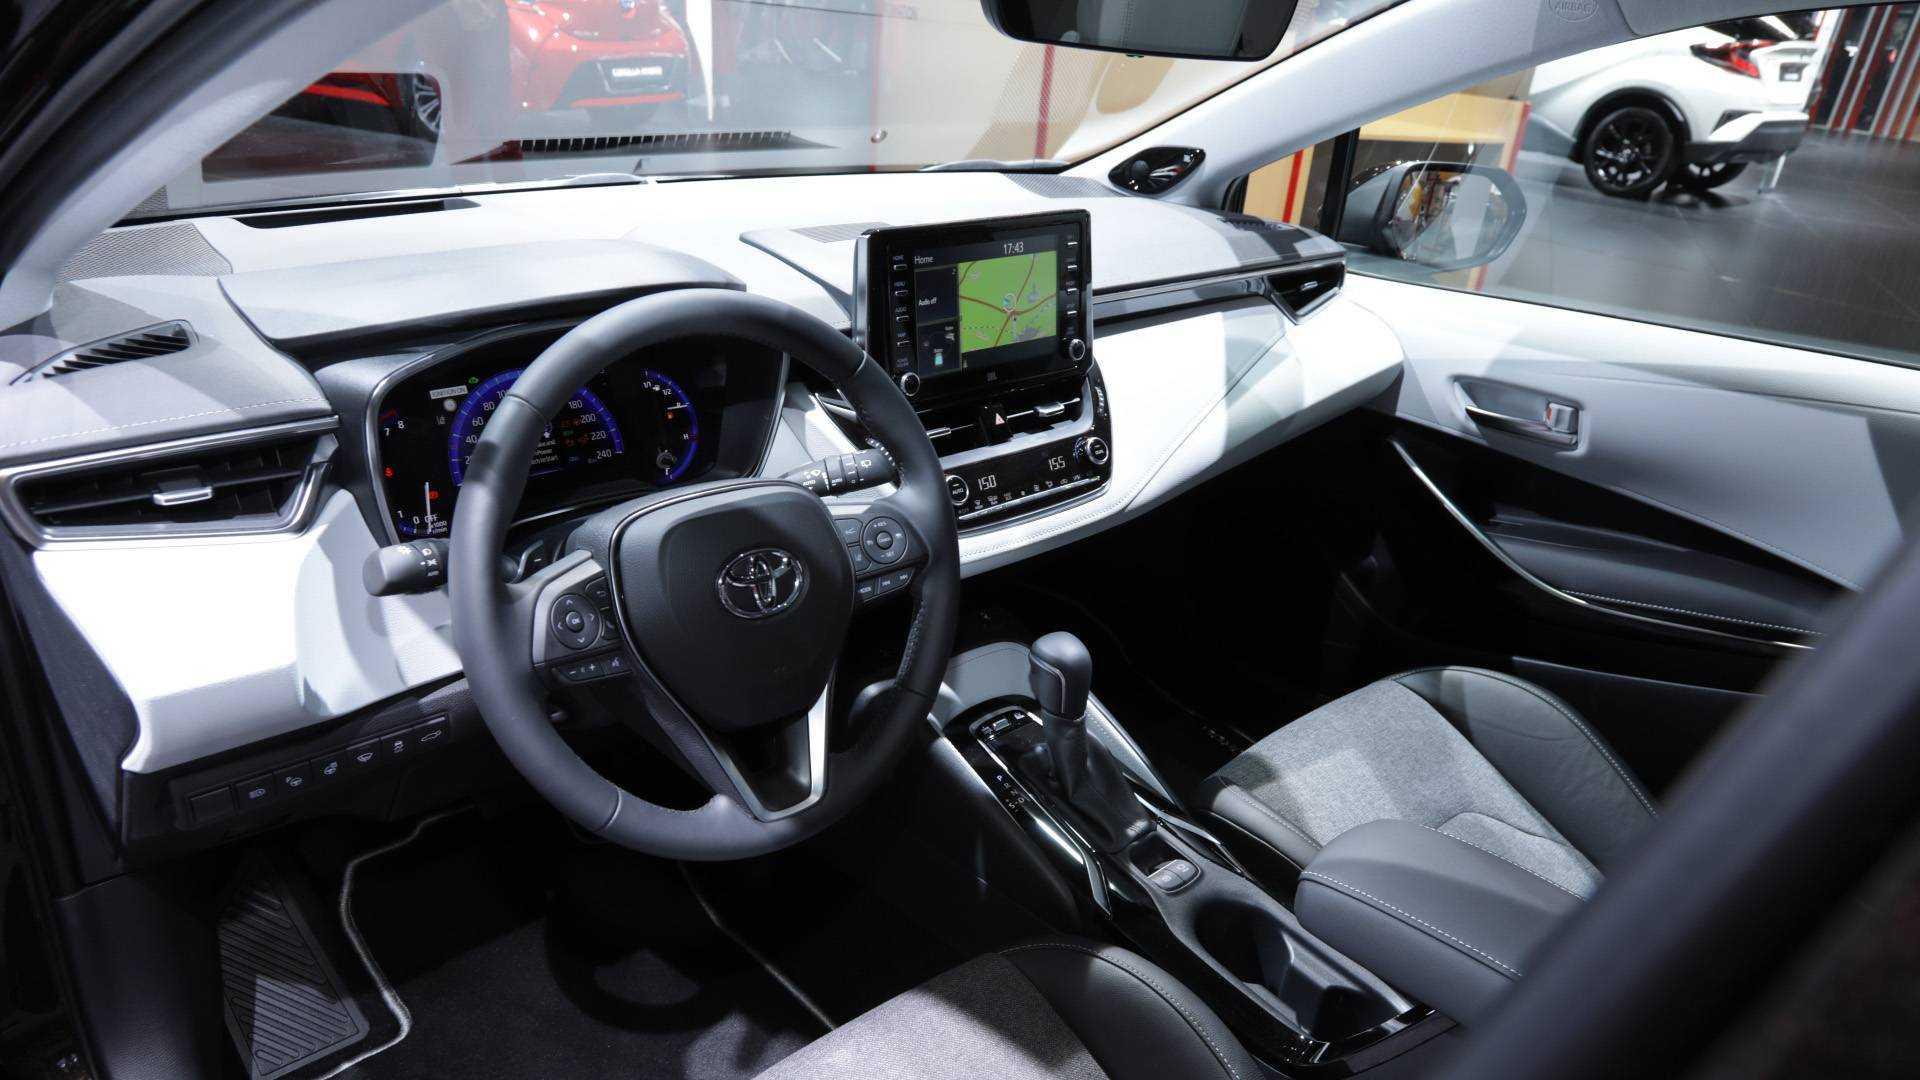 Тойота королла 2019, итак, коротко расскажу о новой королле для тех, кто делает выбор, вариатор, бензиновый двигатель, левый руль, новокузнецк